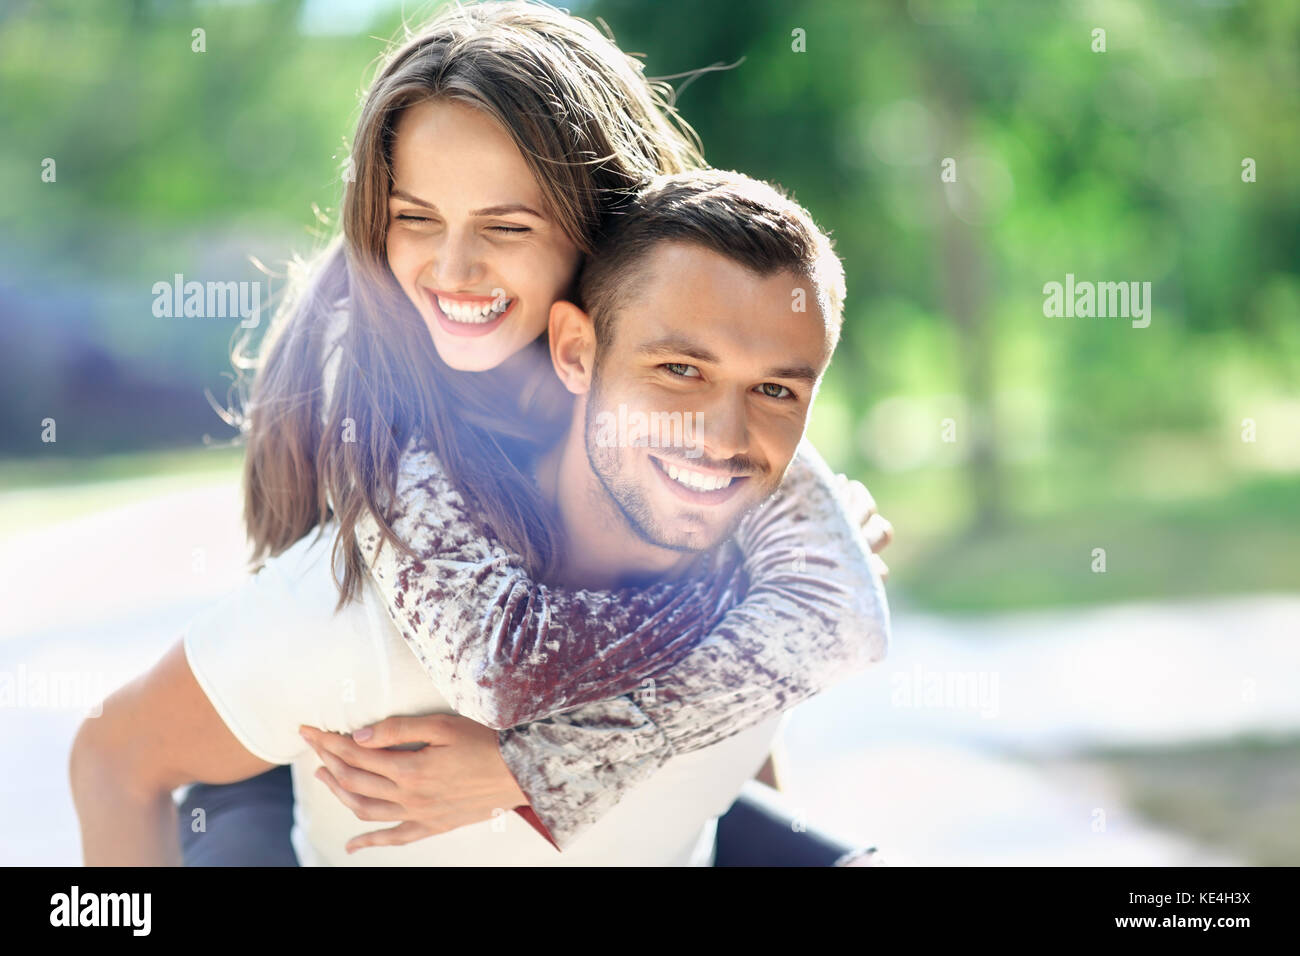 El hombre lleva a su novia en la espalda. Feliz pareja risa piggyback. Alegre joven pareja amorosa divertirse juntos Imagen De Stock